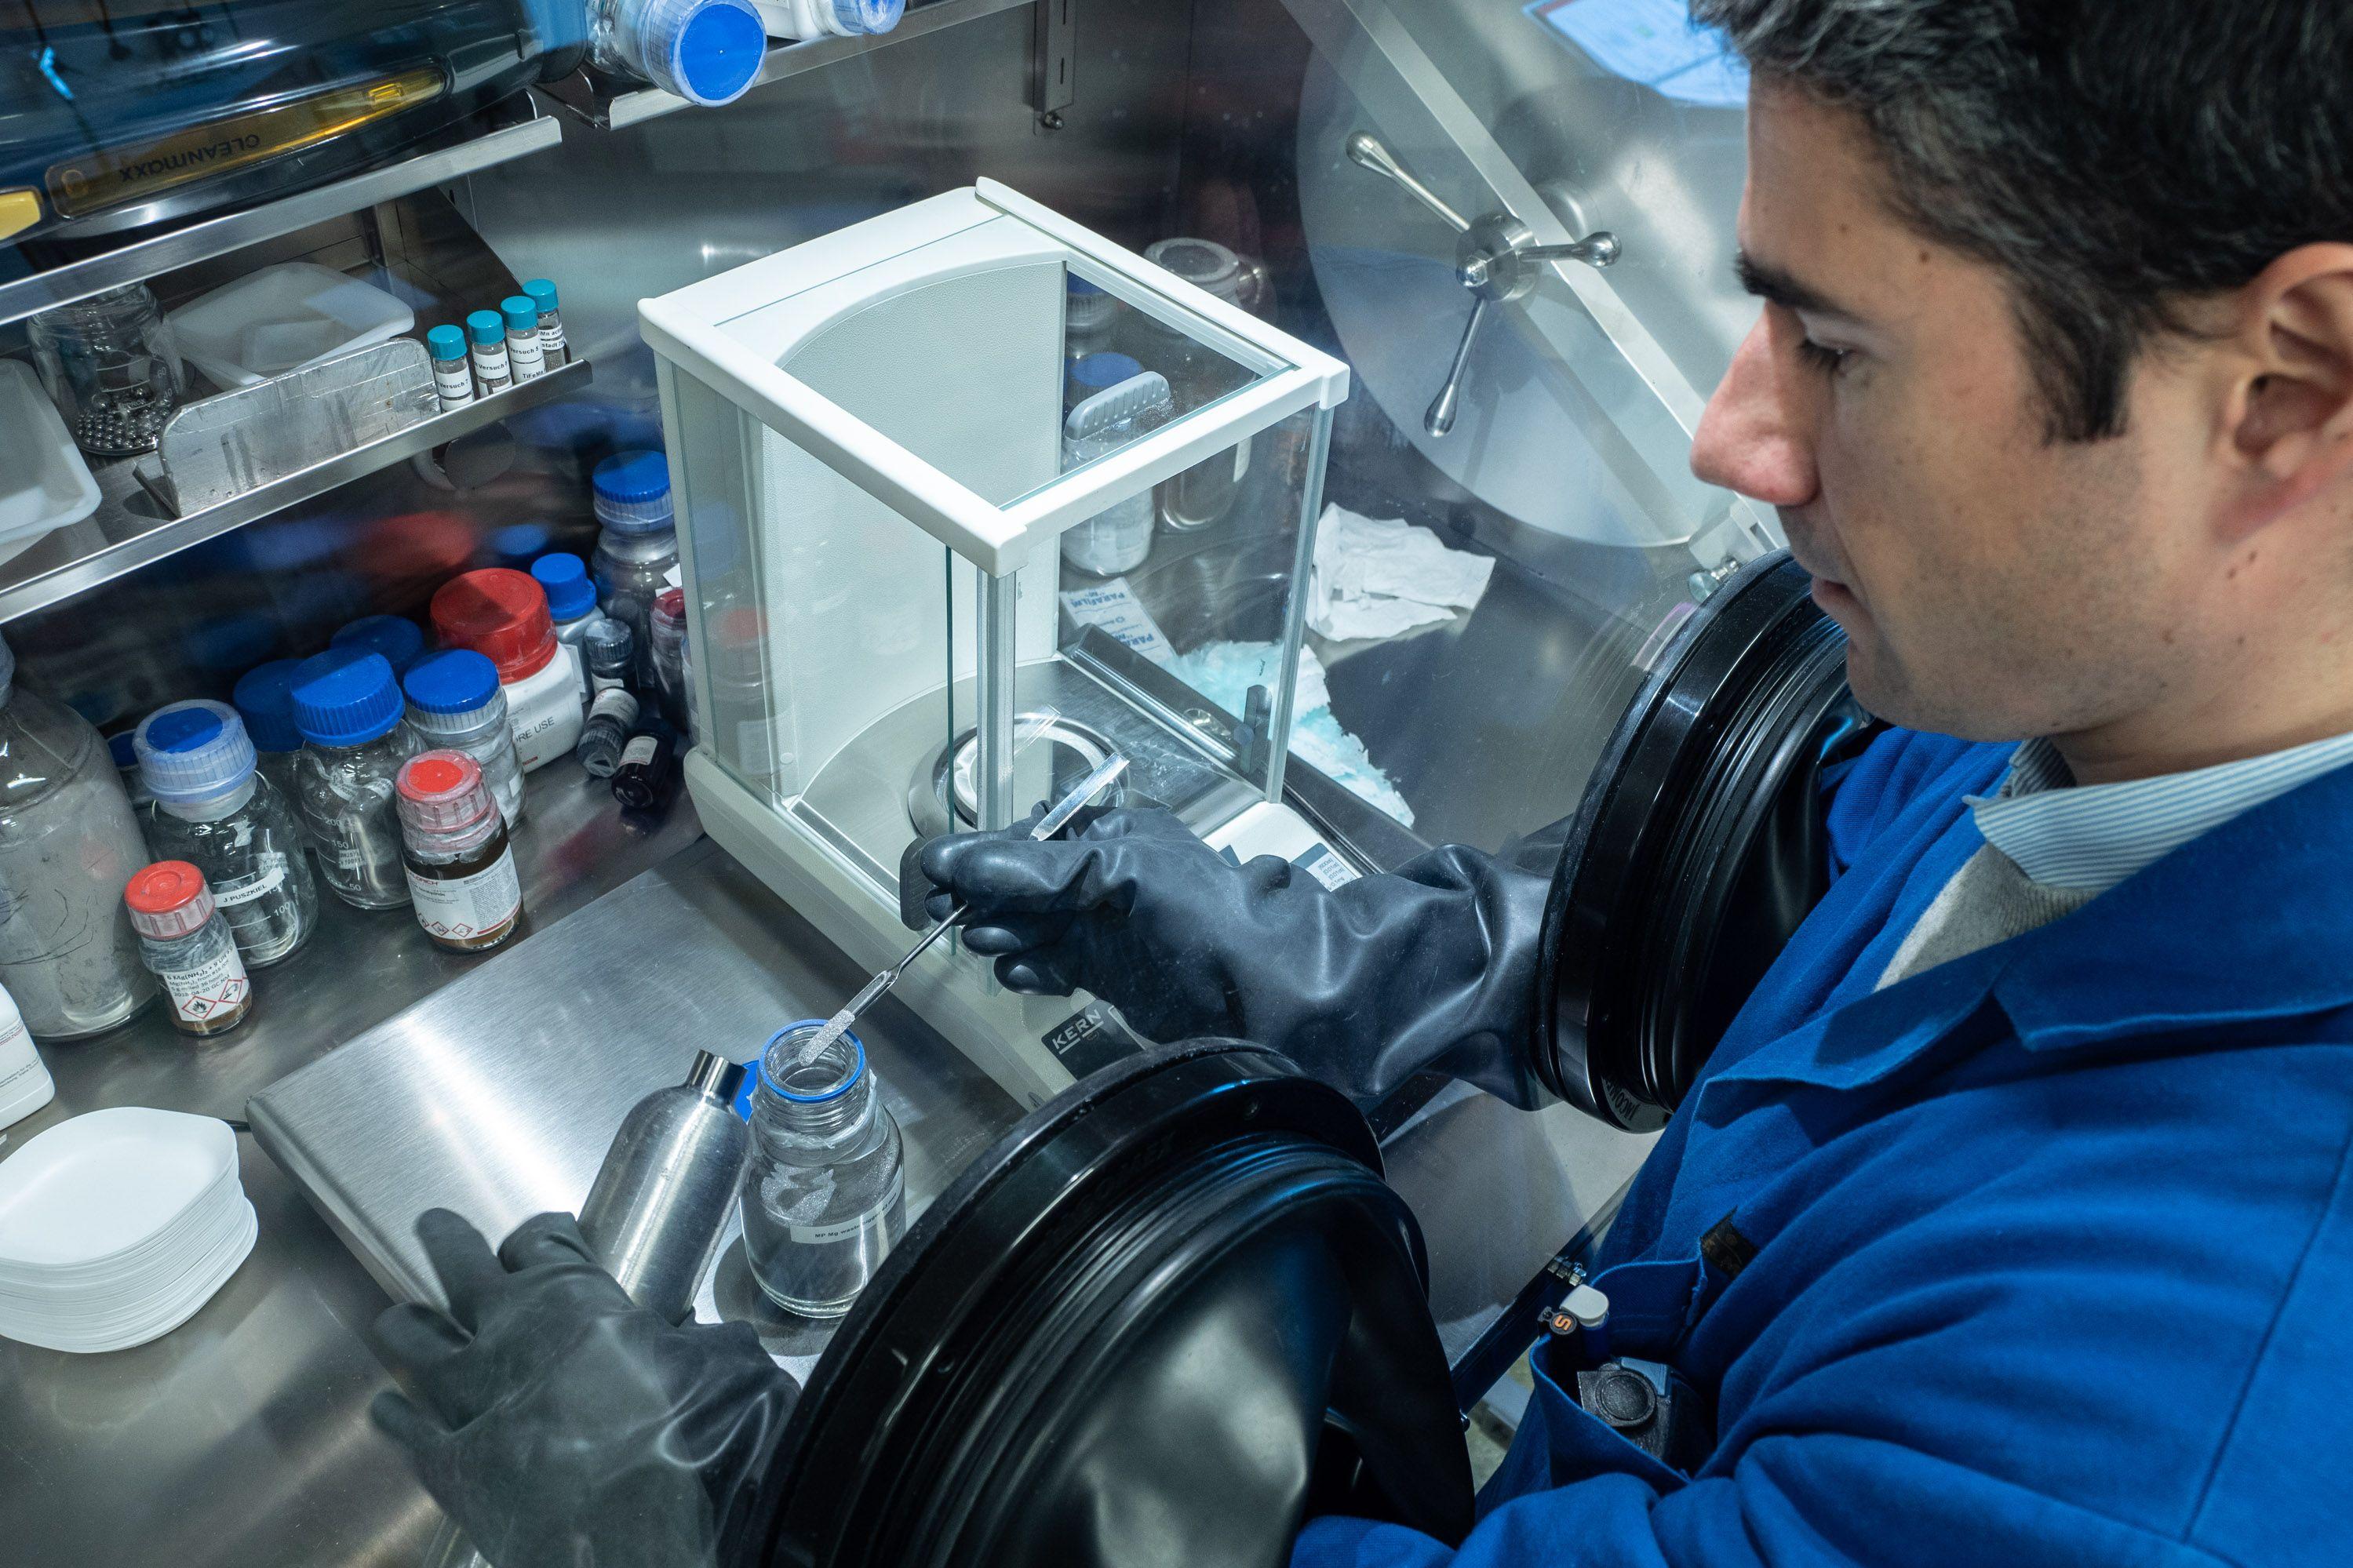 Brennstoffzellenauto: Pack die Metallhydrid-Tabletten in den Tank! - Das Pulver wird zu Tabletten verpresst. (Bild: Martin Wolf/Golem.de)